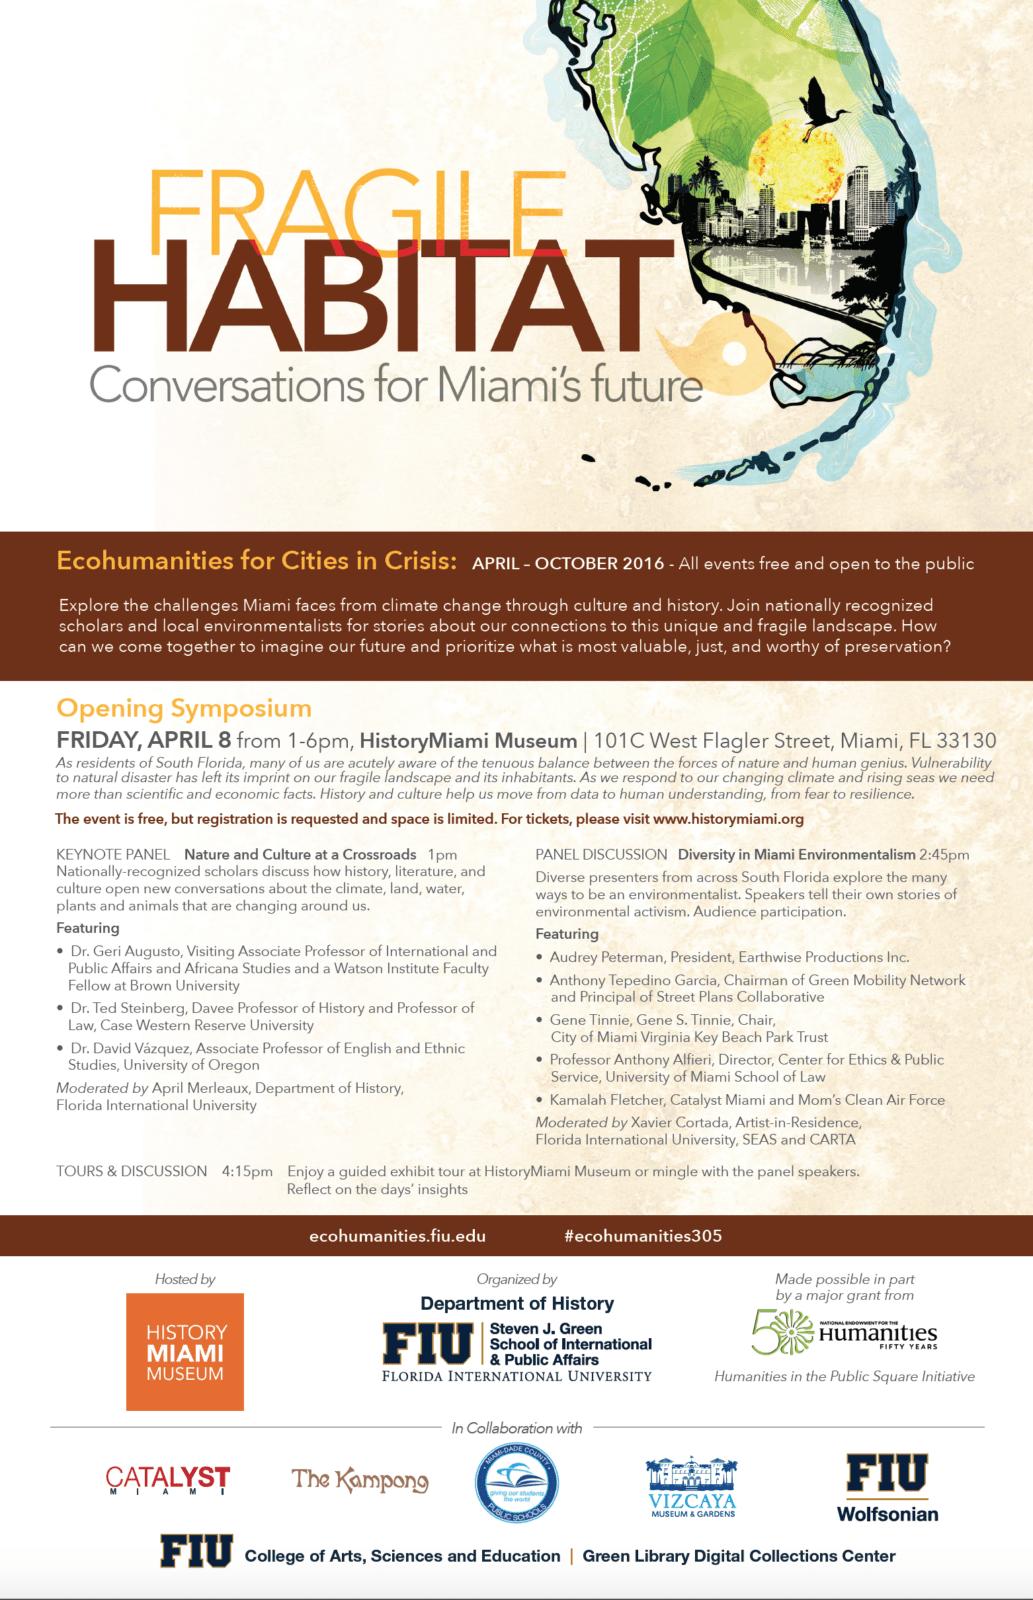 fragile-habitat